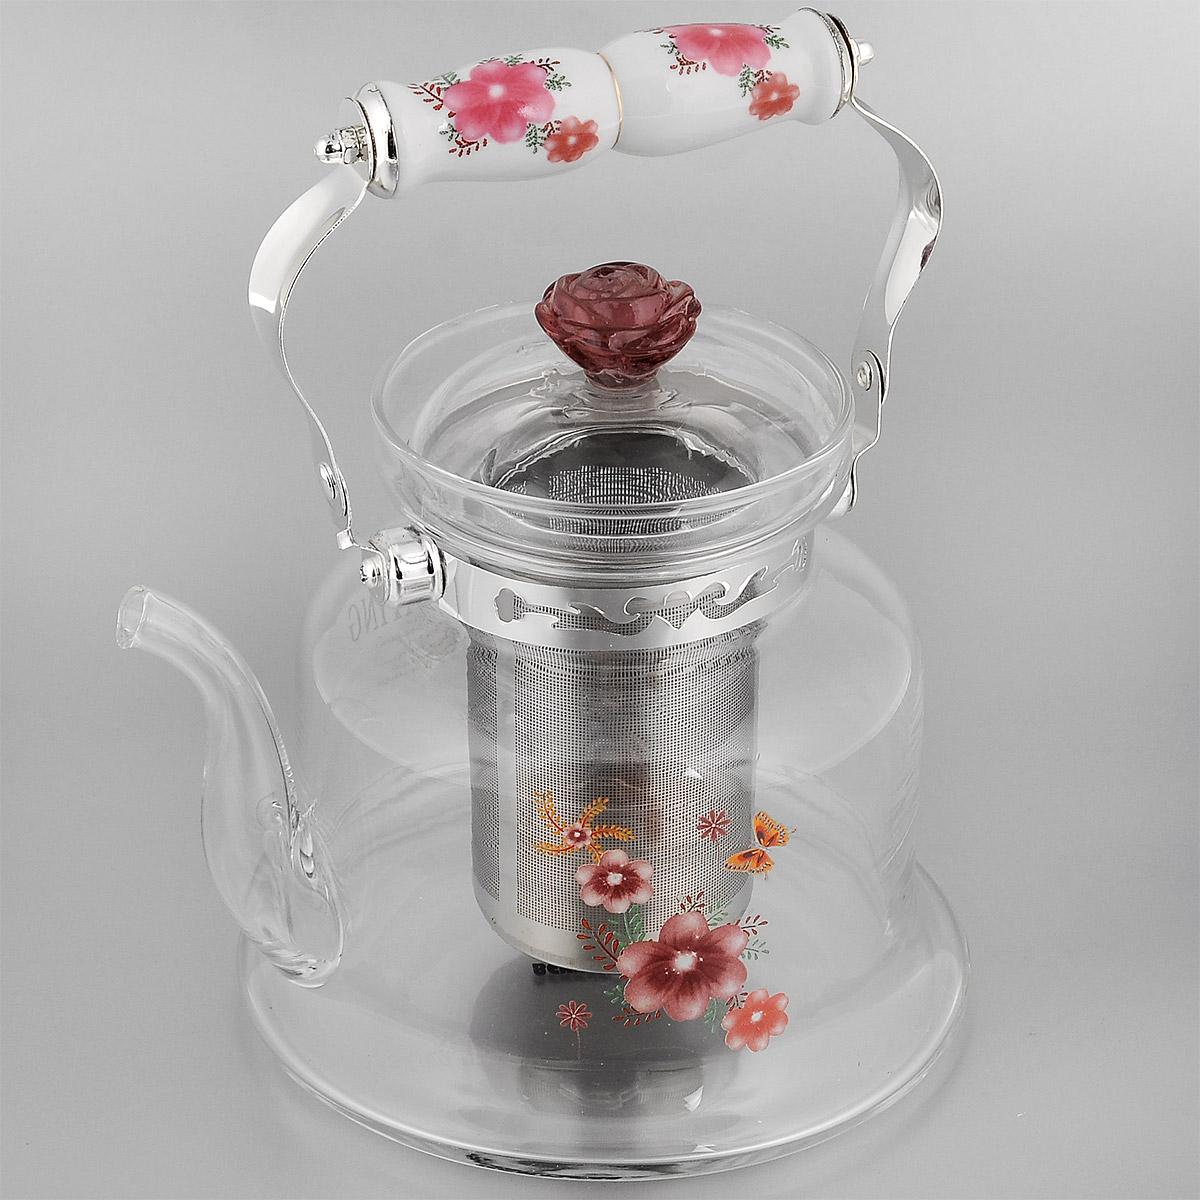 Чайник заварочный Bekker Koch, цвет: красный, 1,2 л. ВК-7619ВК-7619 красные цветыЗаварочный чайник Bekker Koch выполнен из жаростойкого стекла, которое хорошо удерживает тепло. Ручка и съемное ситечко внутри чайника выполнены из высококачественной нержавеющей стали. Высокая ручка чайника, снабженная фарфоровой насадкой, позволяет с легкостью удерживать его на весу. Съемное ситечко для заварки предотвращает попадание чаинок и листочков в настой. Заварочный чайник украшен изящным рисунком, что придает ему элегантность. Заварочный чайник из стекла удобно использовать для повседневного заваривания чая практически любого сорта. Но цветочные, фруктовые, красные и желтые сорта чая лучше других раскрывают свой вкус и аромат при заваривании именно в стеклянных чайниках и сохраняют полезные ферменты и витамины, содержащиеся в чайных листах. Высота чайника (без учета ручки и крышки): 14,5 см. Размер съемного ситечка: 9 см х 9 см х 11 см. Диаметр чайника (по верхнему краю): 9,5 см.